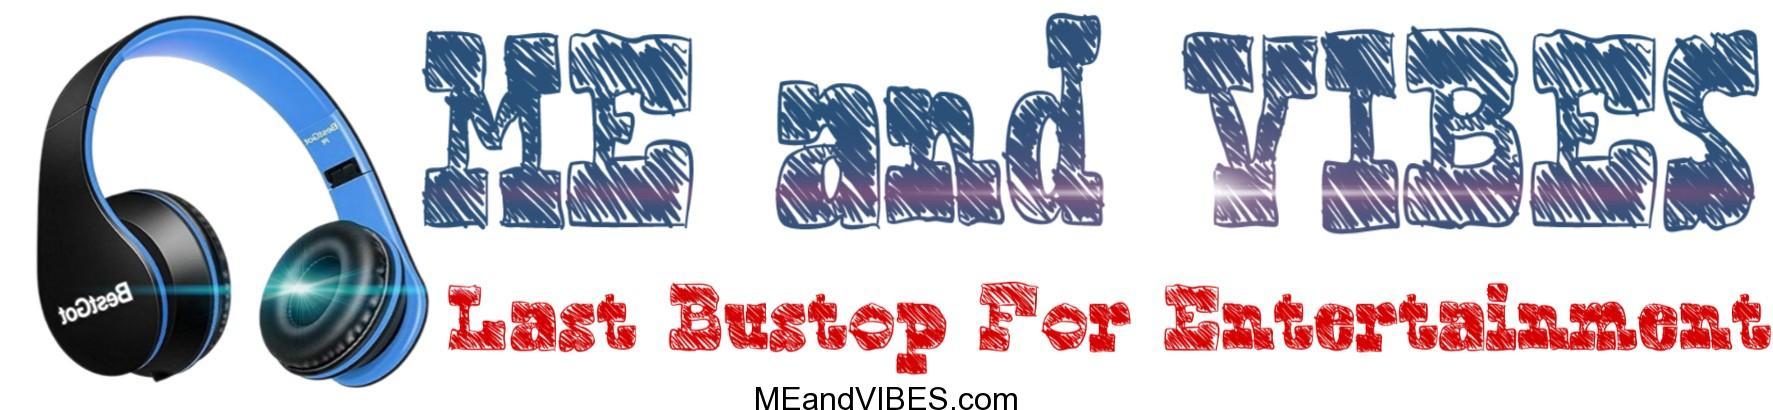 MEandVIBES.com